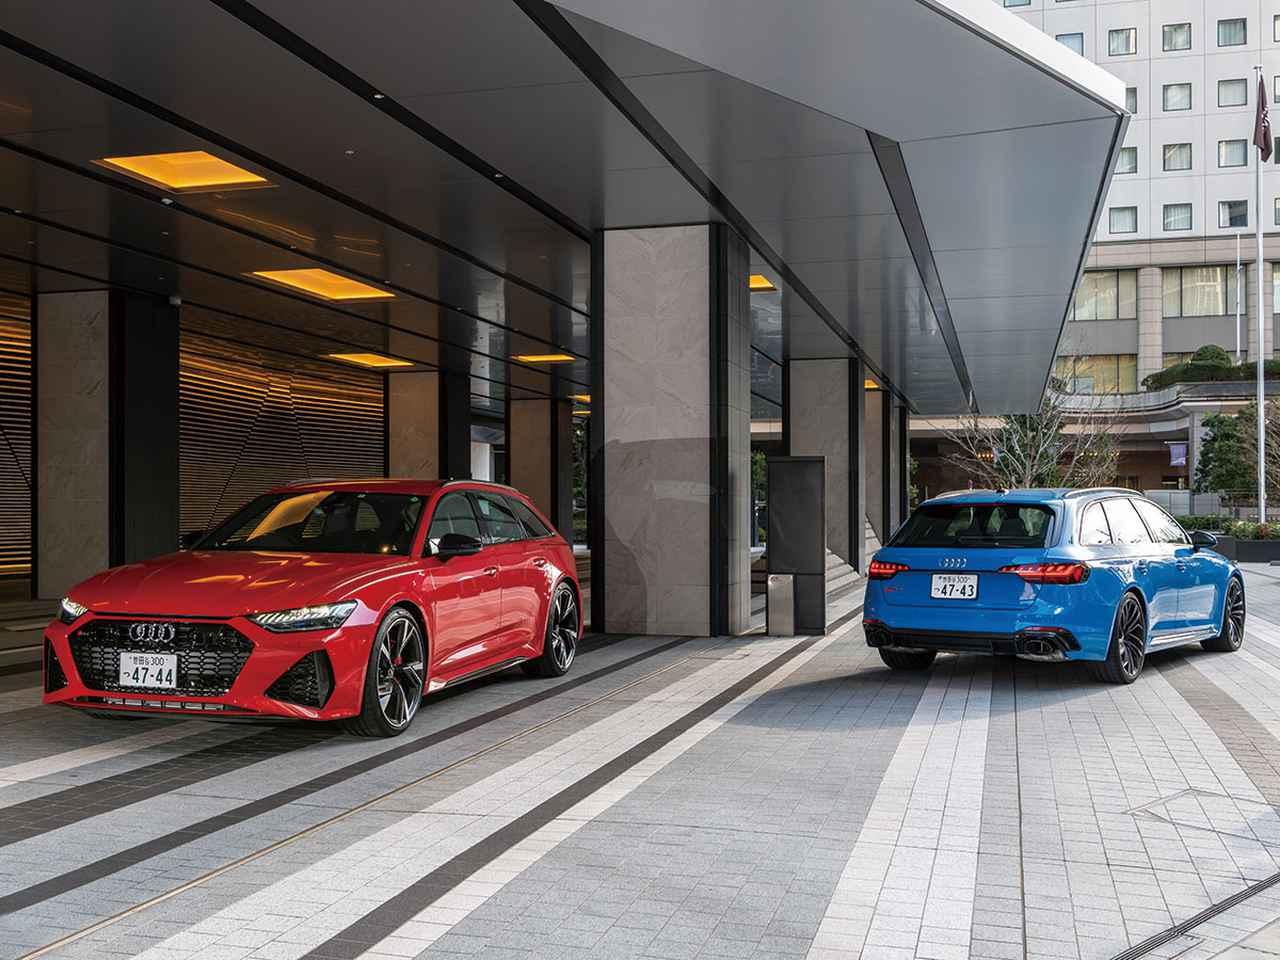 【試乗】アウディ RS4アバントとRS6アバント。スポーツとプレミアム、理想と現実の悩ましい選択